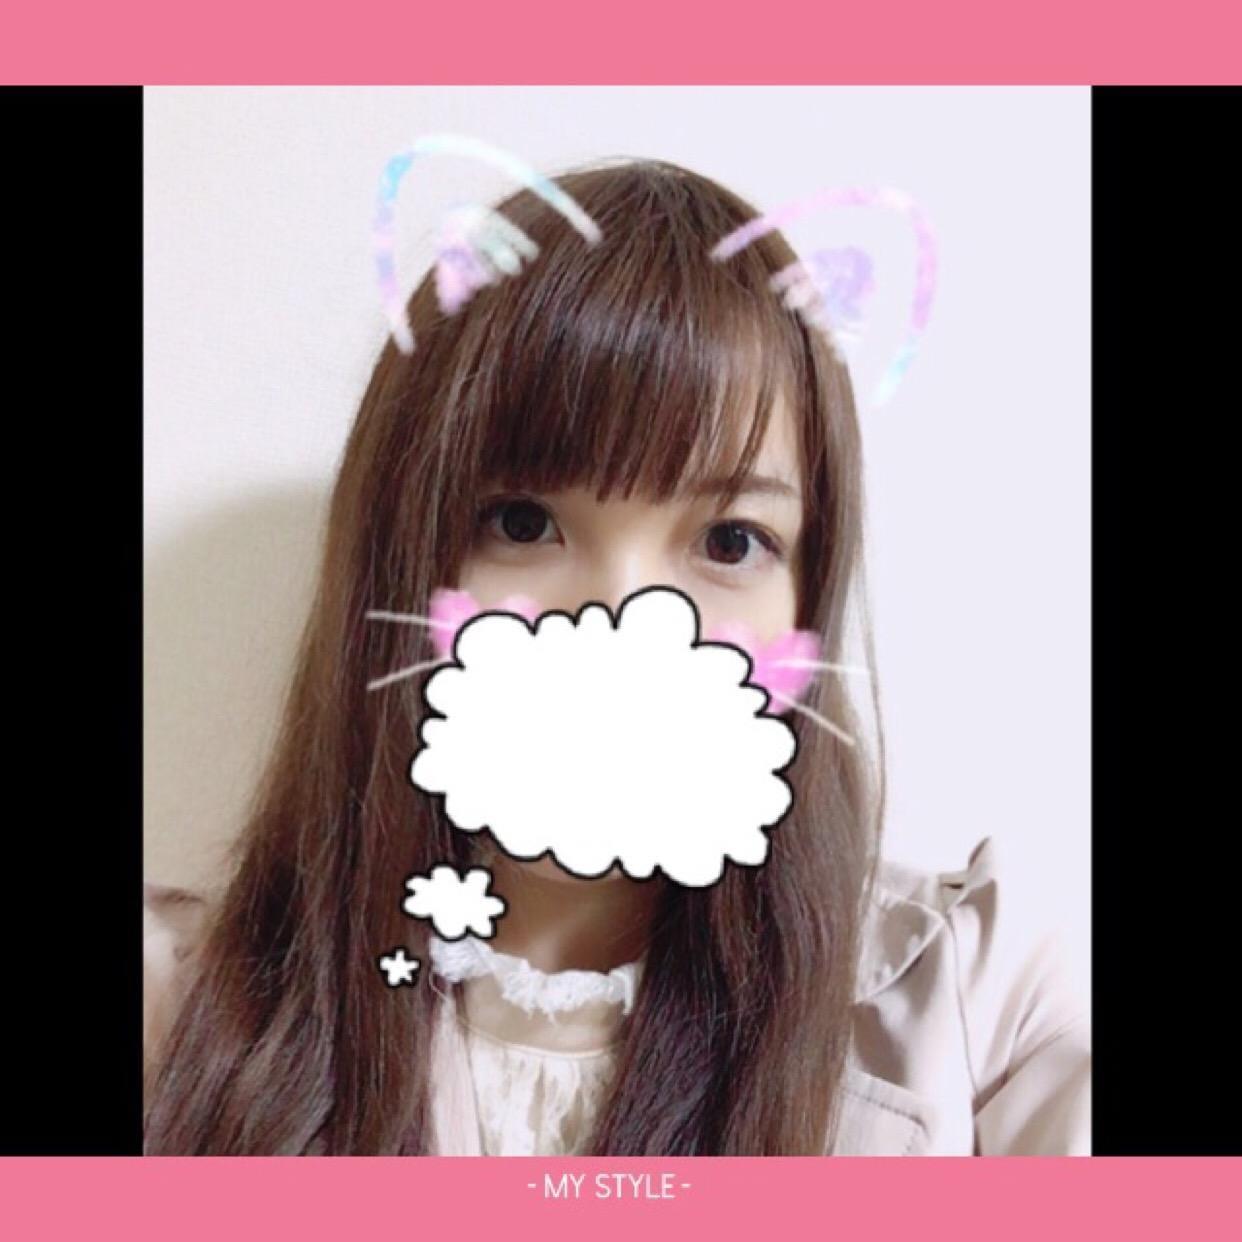 「21日休みます!」11/21(水) 03:06   ミヤビの写メ・風俗動画